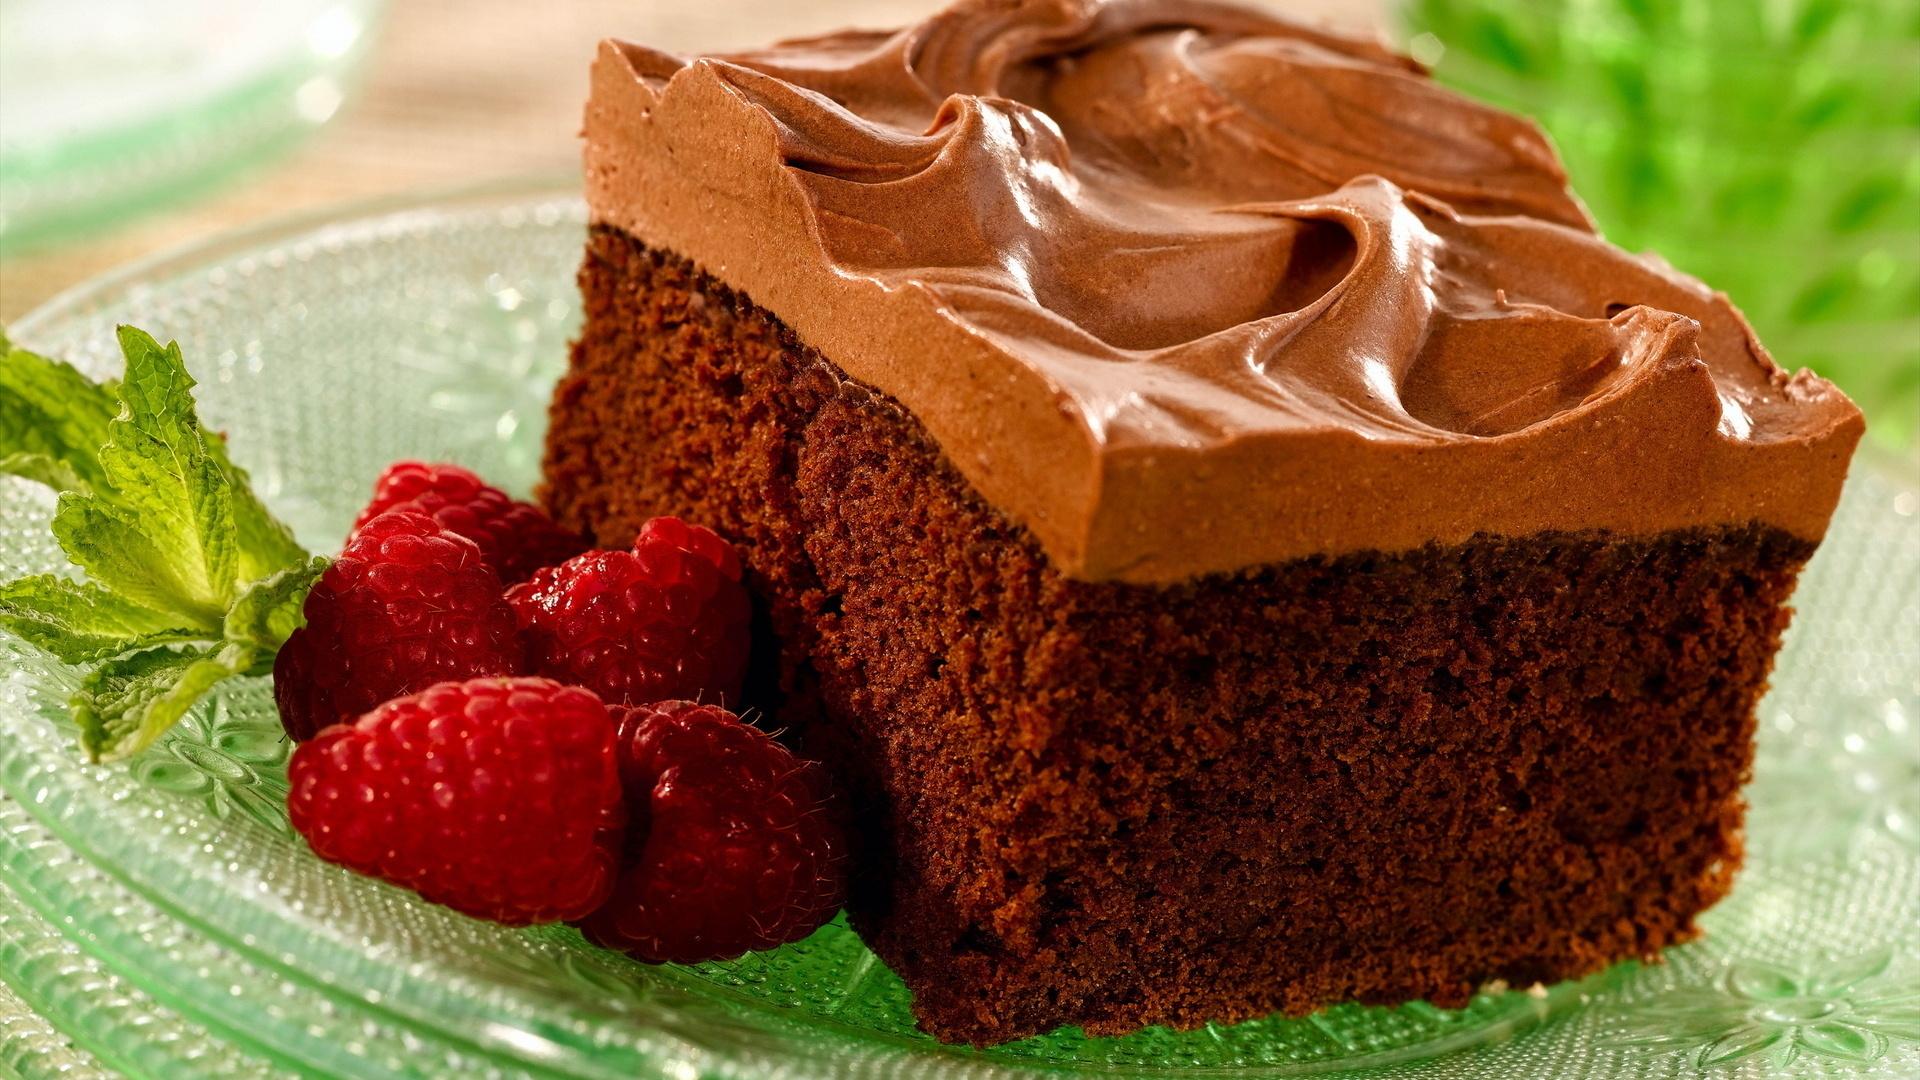 Dessert wallpaper   592386 1920x1080